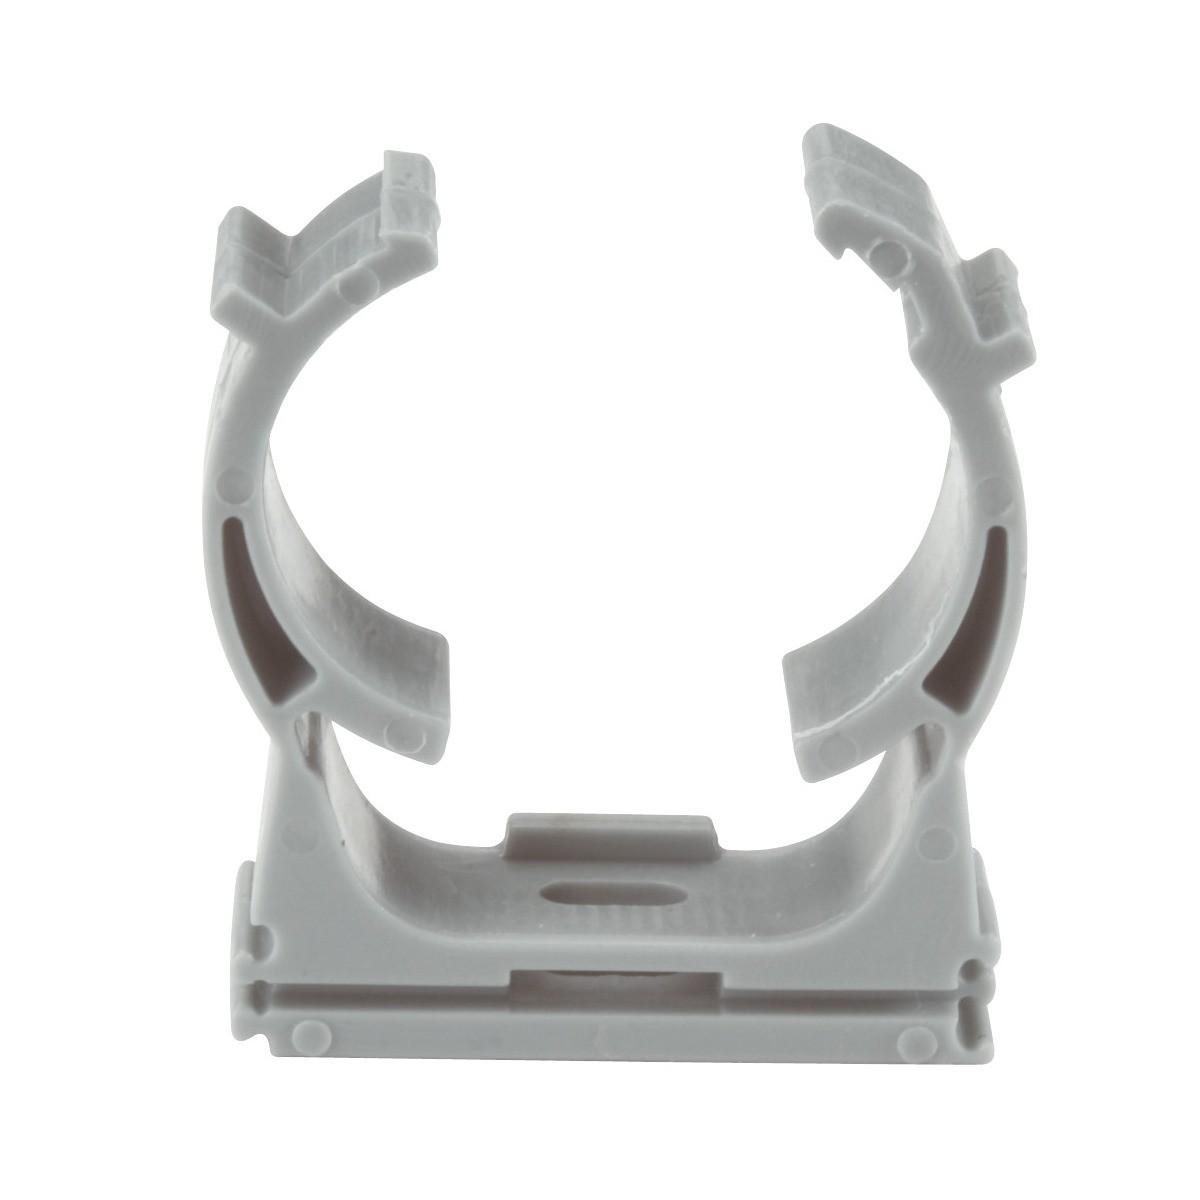 Abracadeira PVC 34 Top - Tramontina